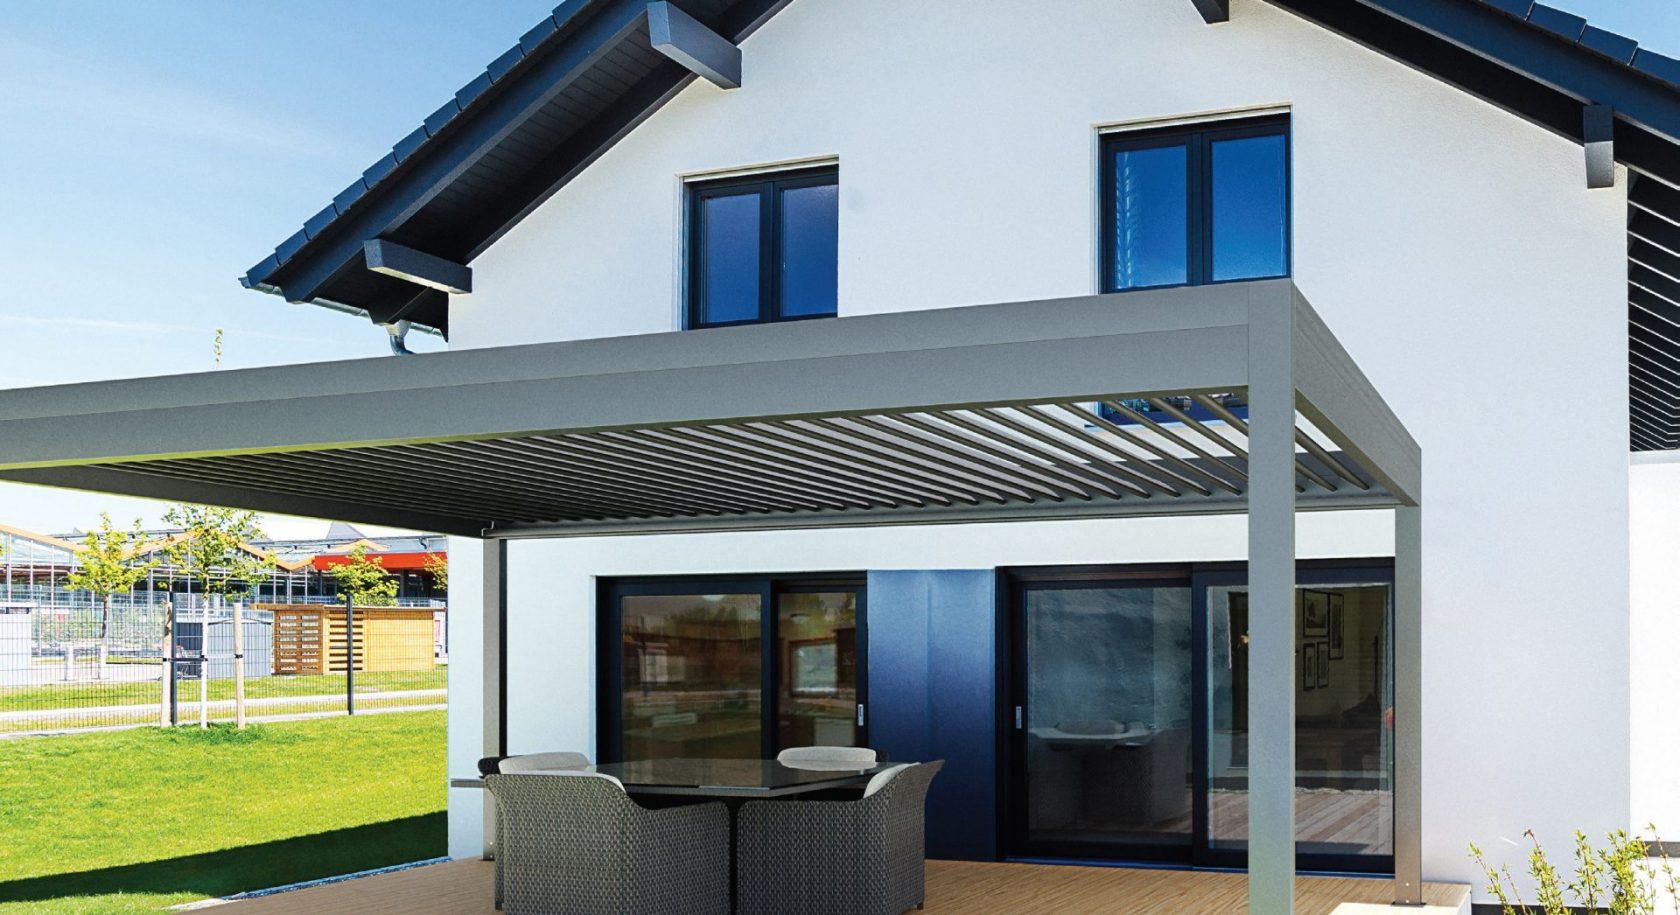 LÖWE Lamellendach.de – Moderne Terrassen mit Lamellendach